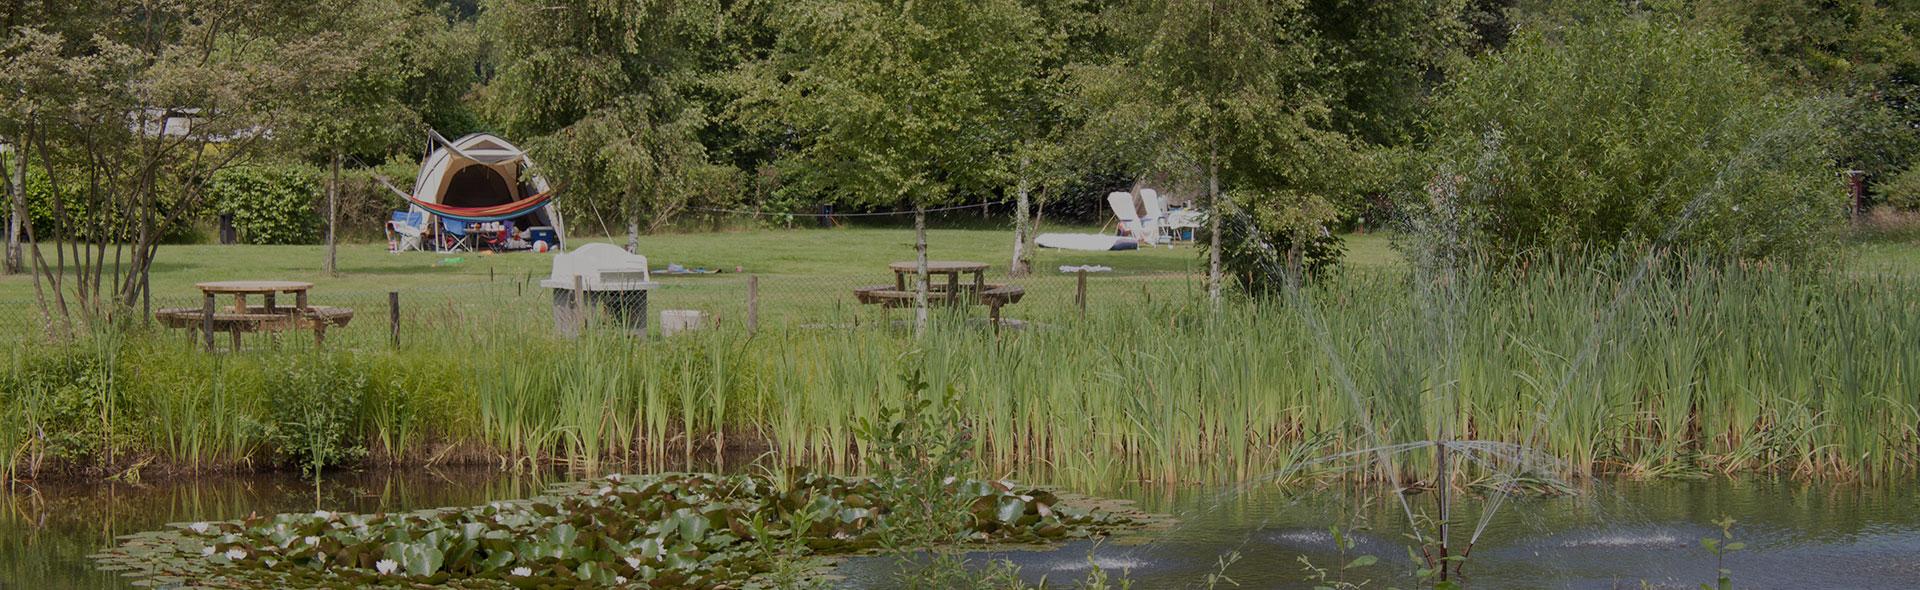 Camping 't Vinkel - Naturistenvereniging Hertogstad